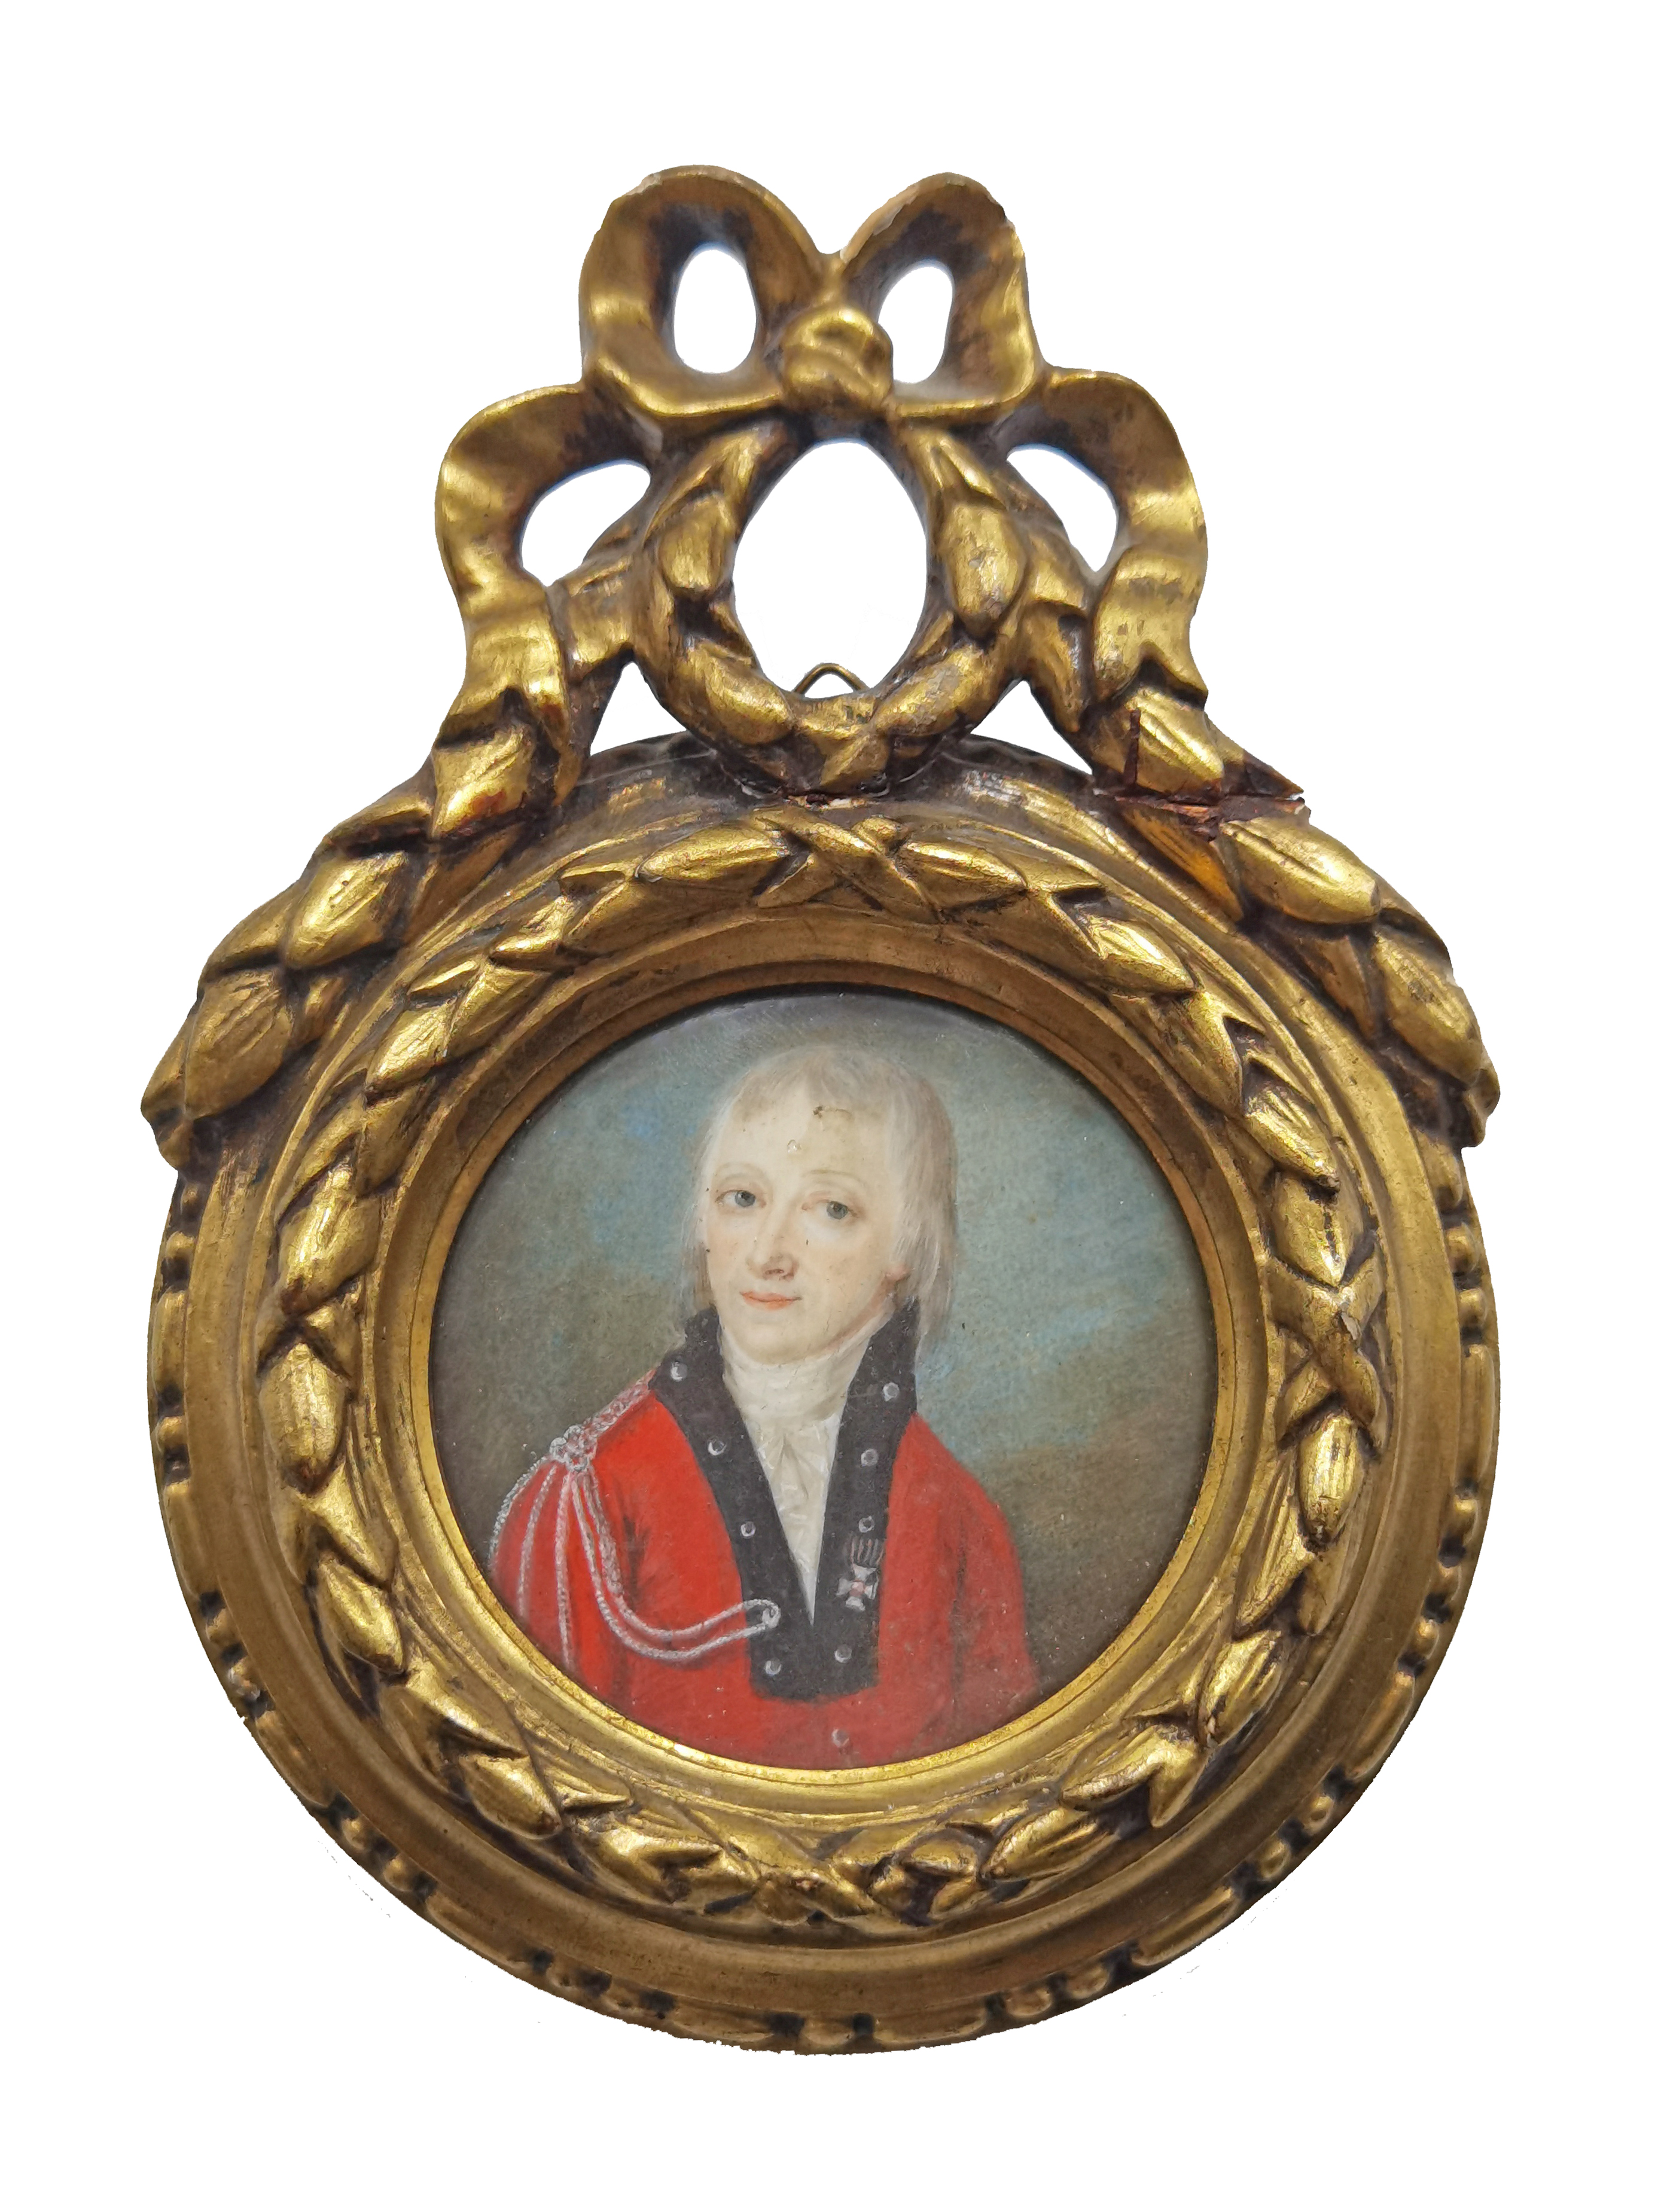 Portret mężczyzny w czerwonym mundurze